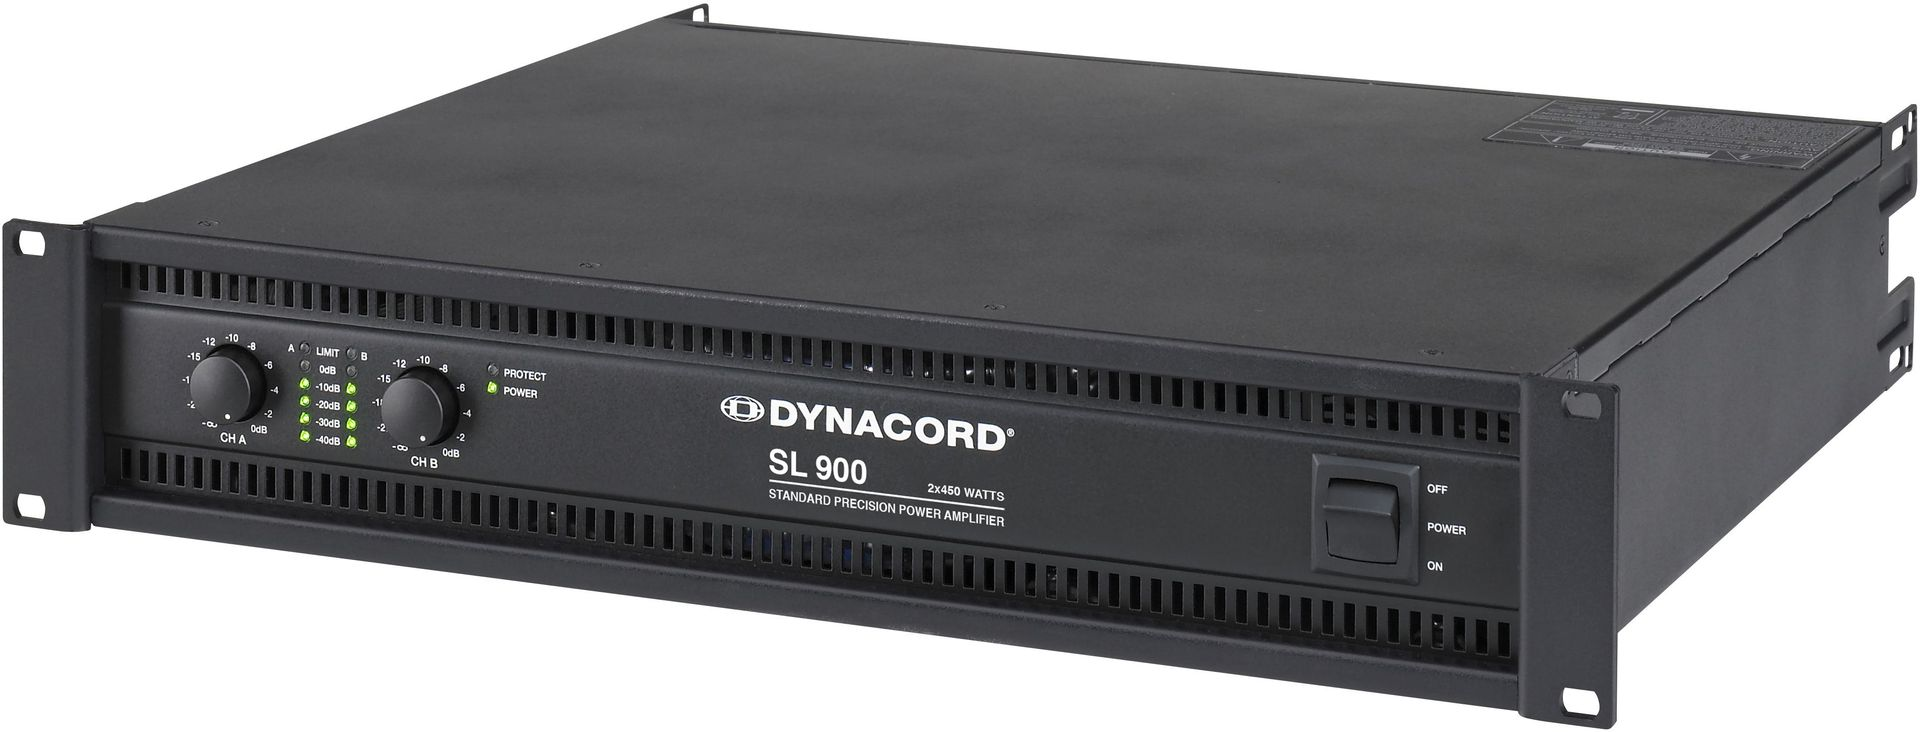 Dynacord SL 900 Endstufe  2x450 Watt 2HE Power Amp 900 W